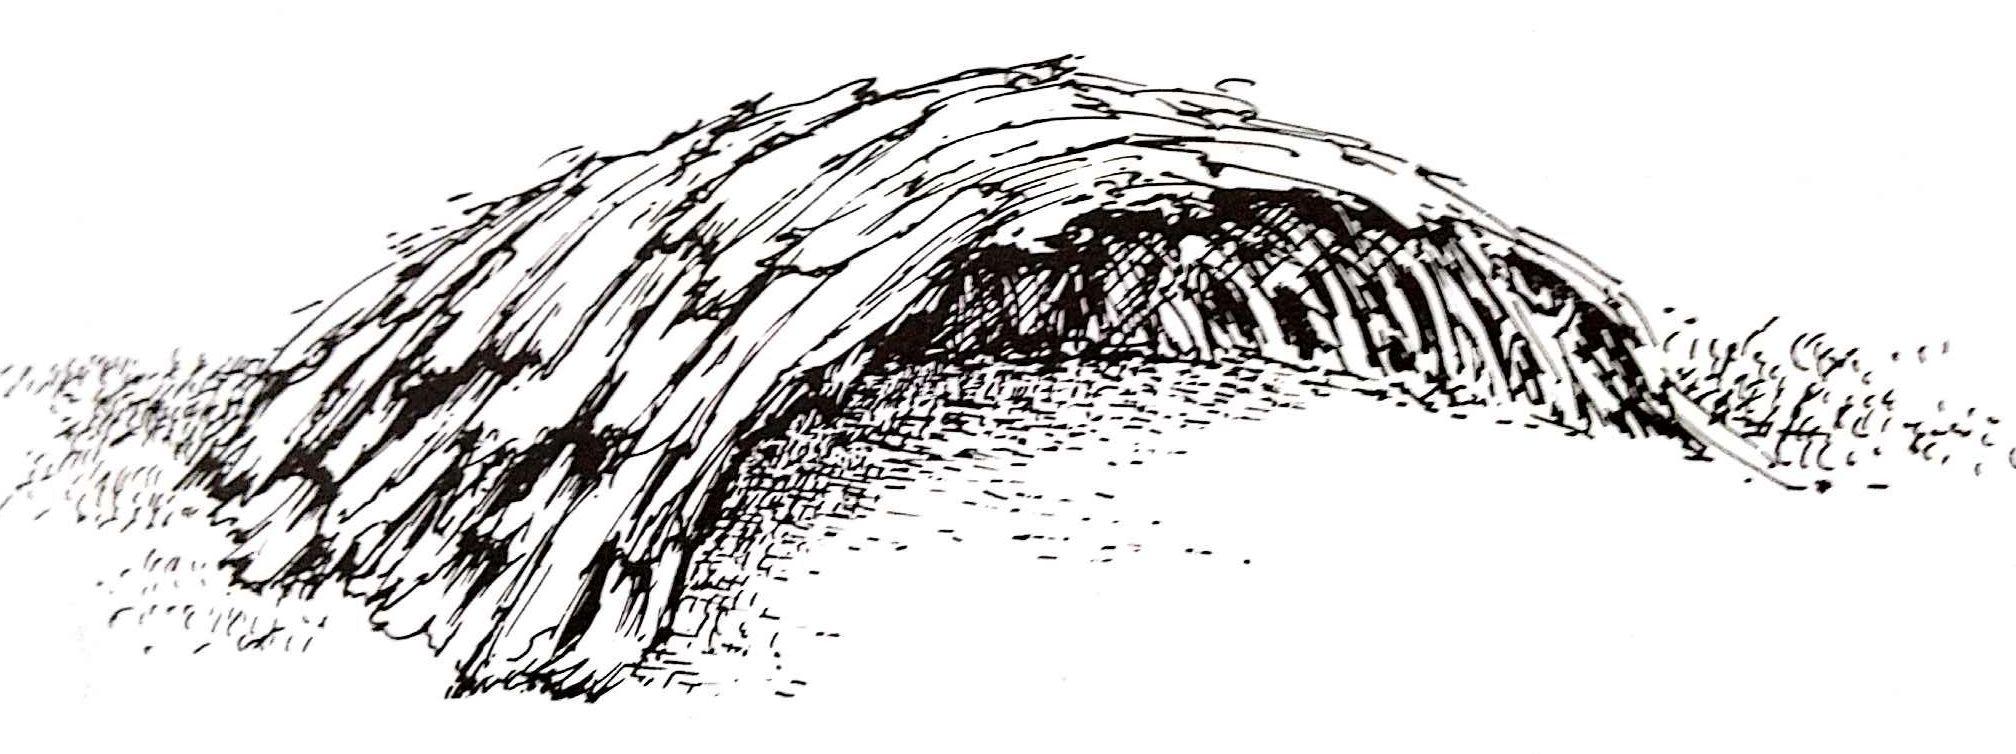 Half-domed huts